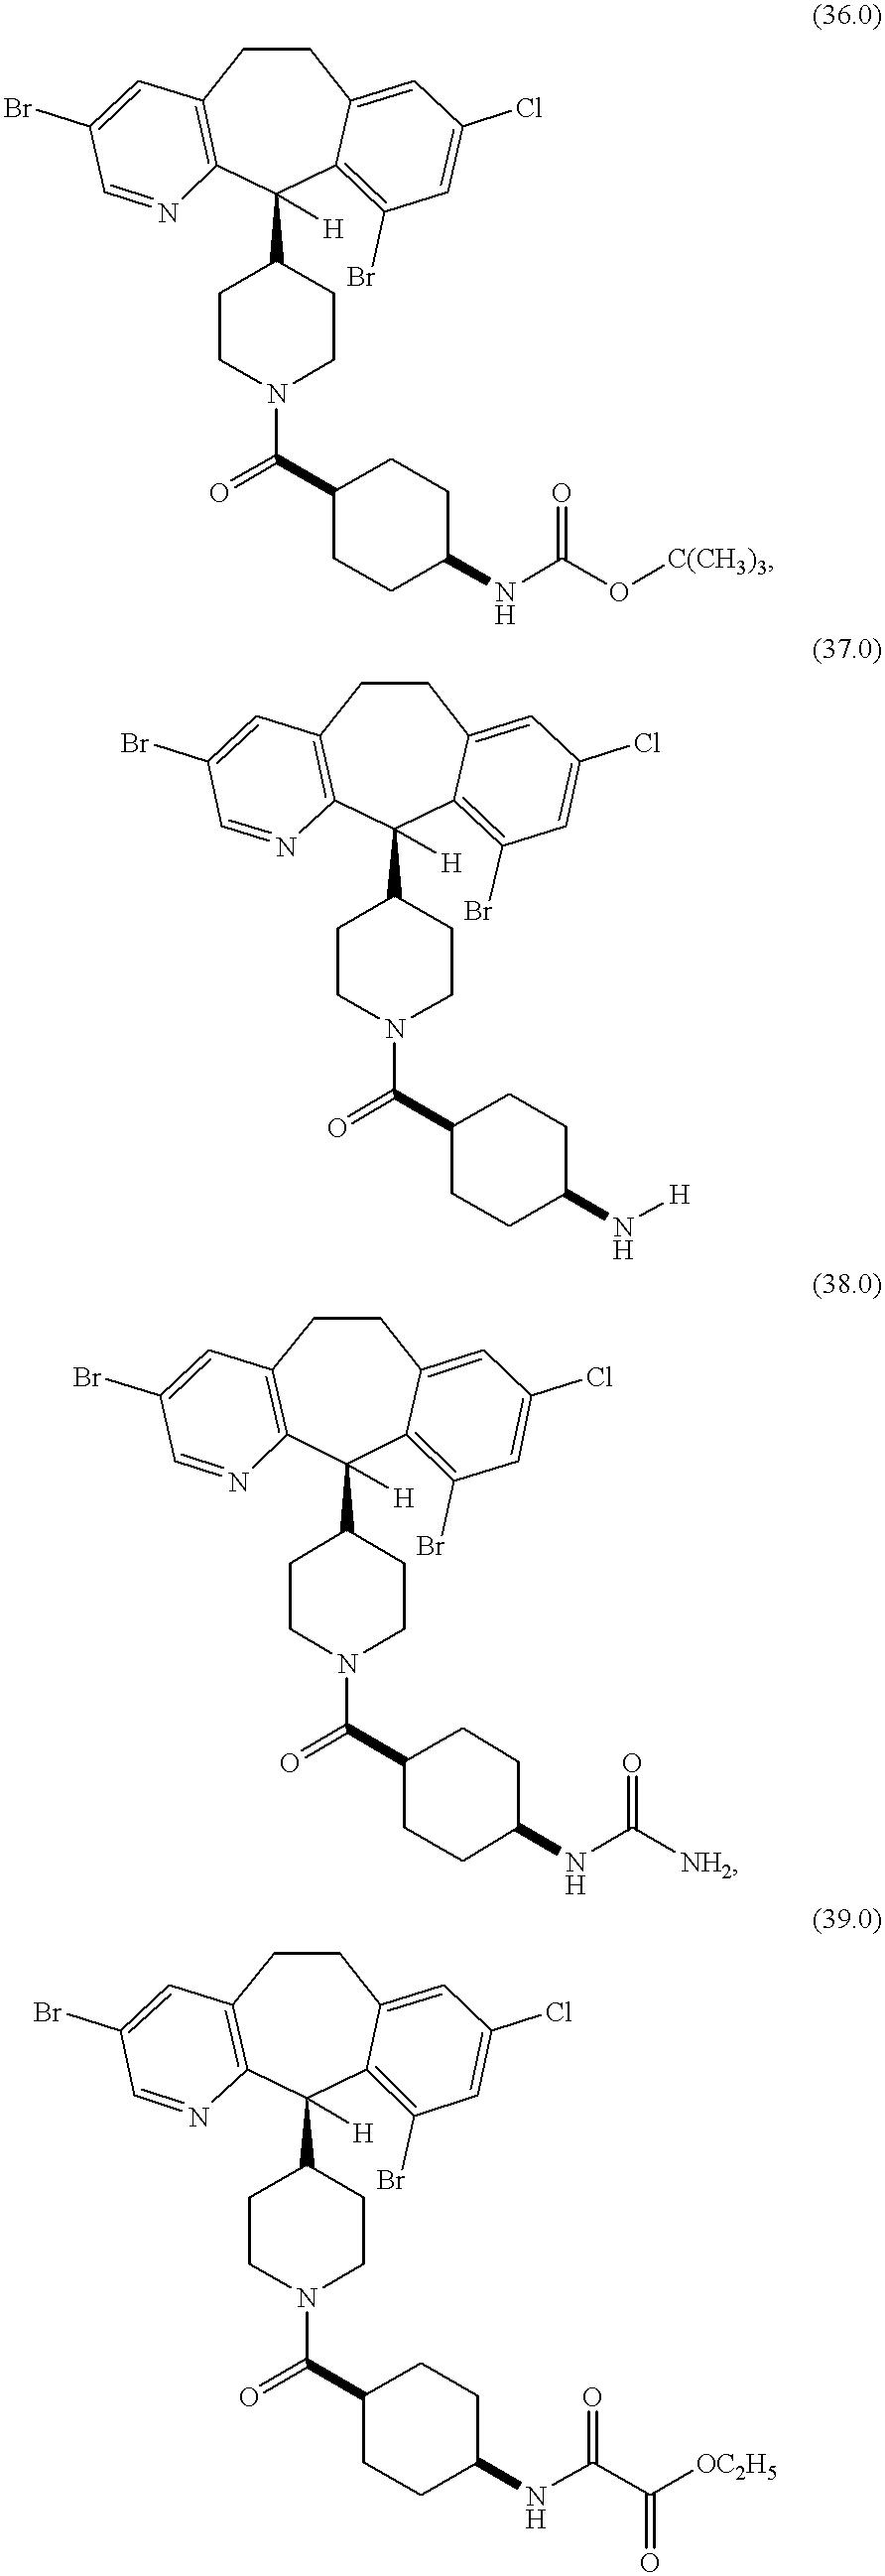 Figure US06211193-20010403-C00273